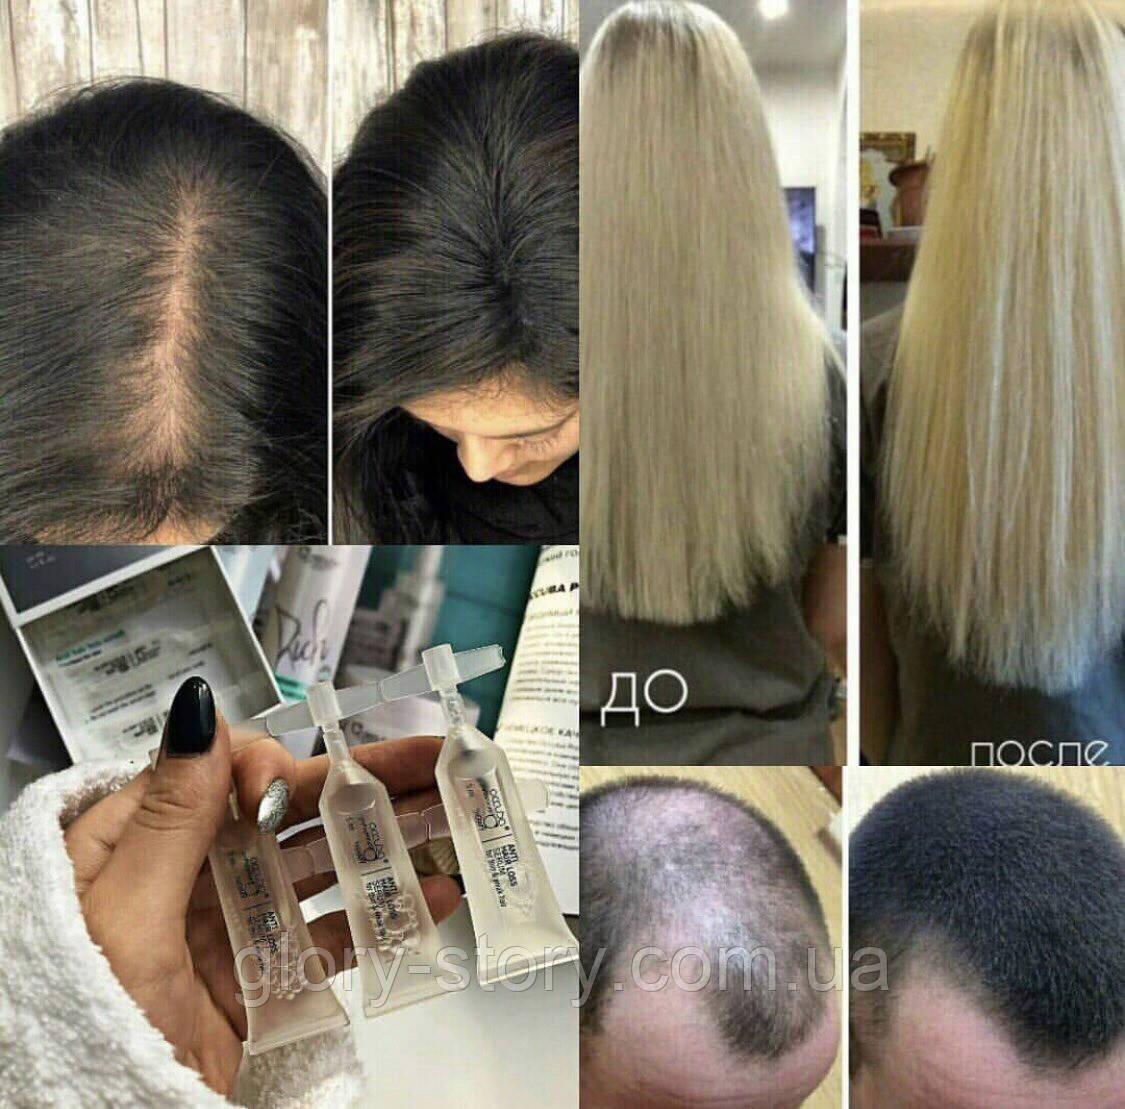 Кофе для волос — эффективное средство для роста и против выпадения